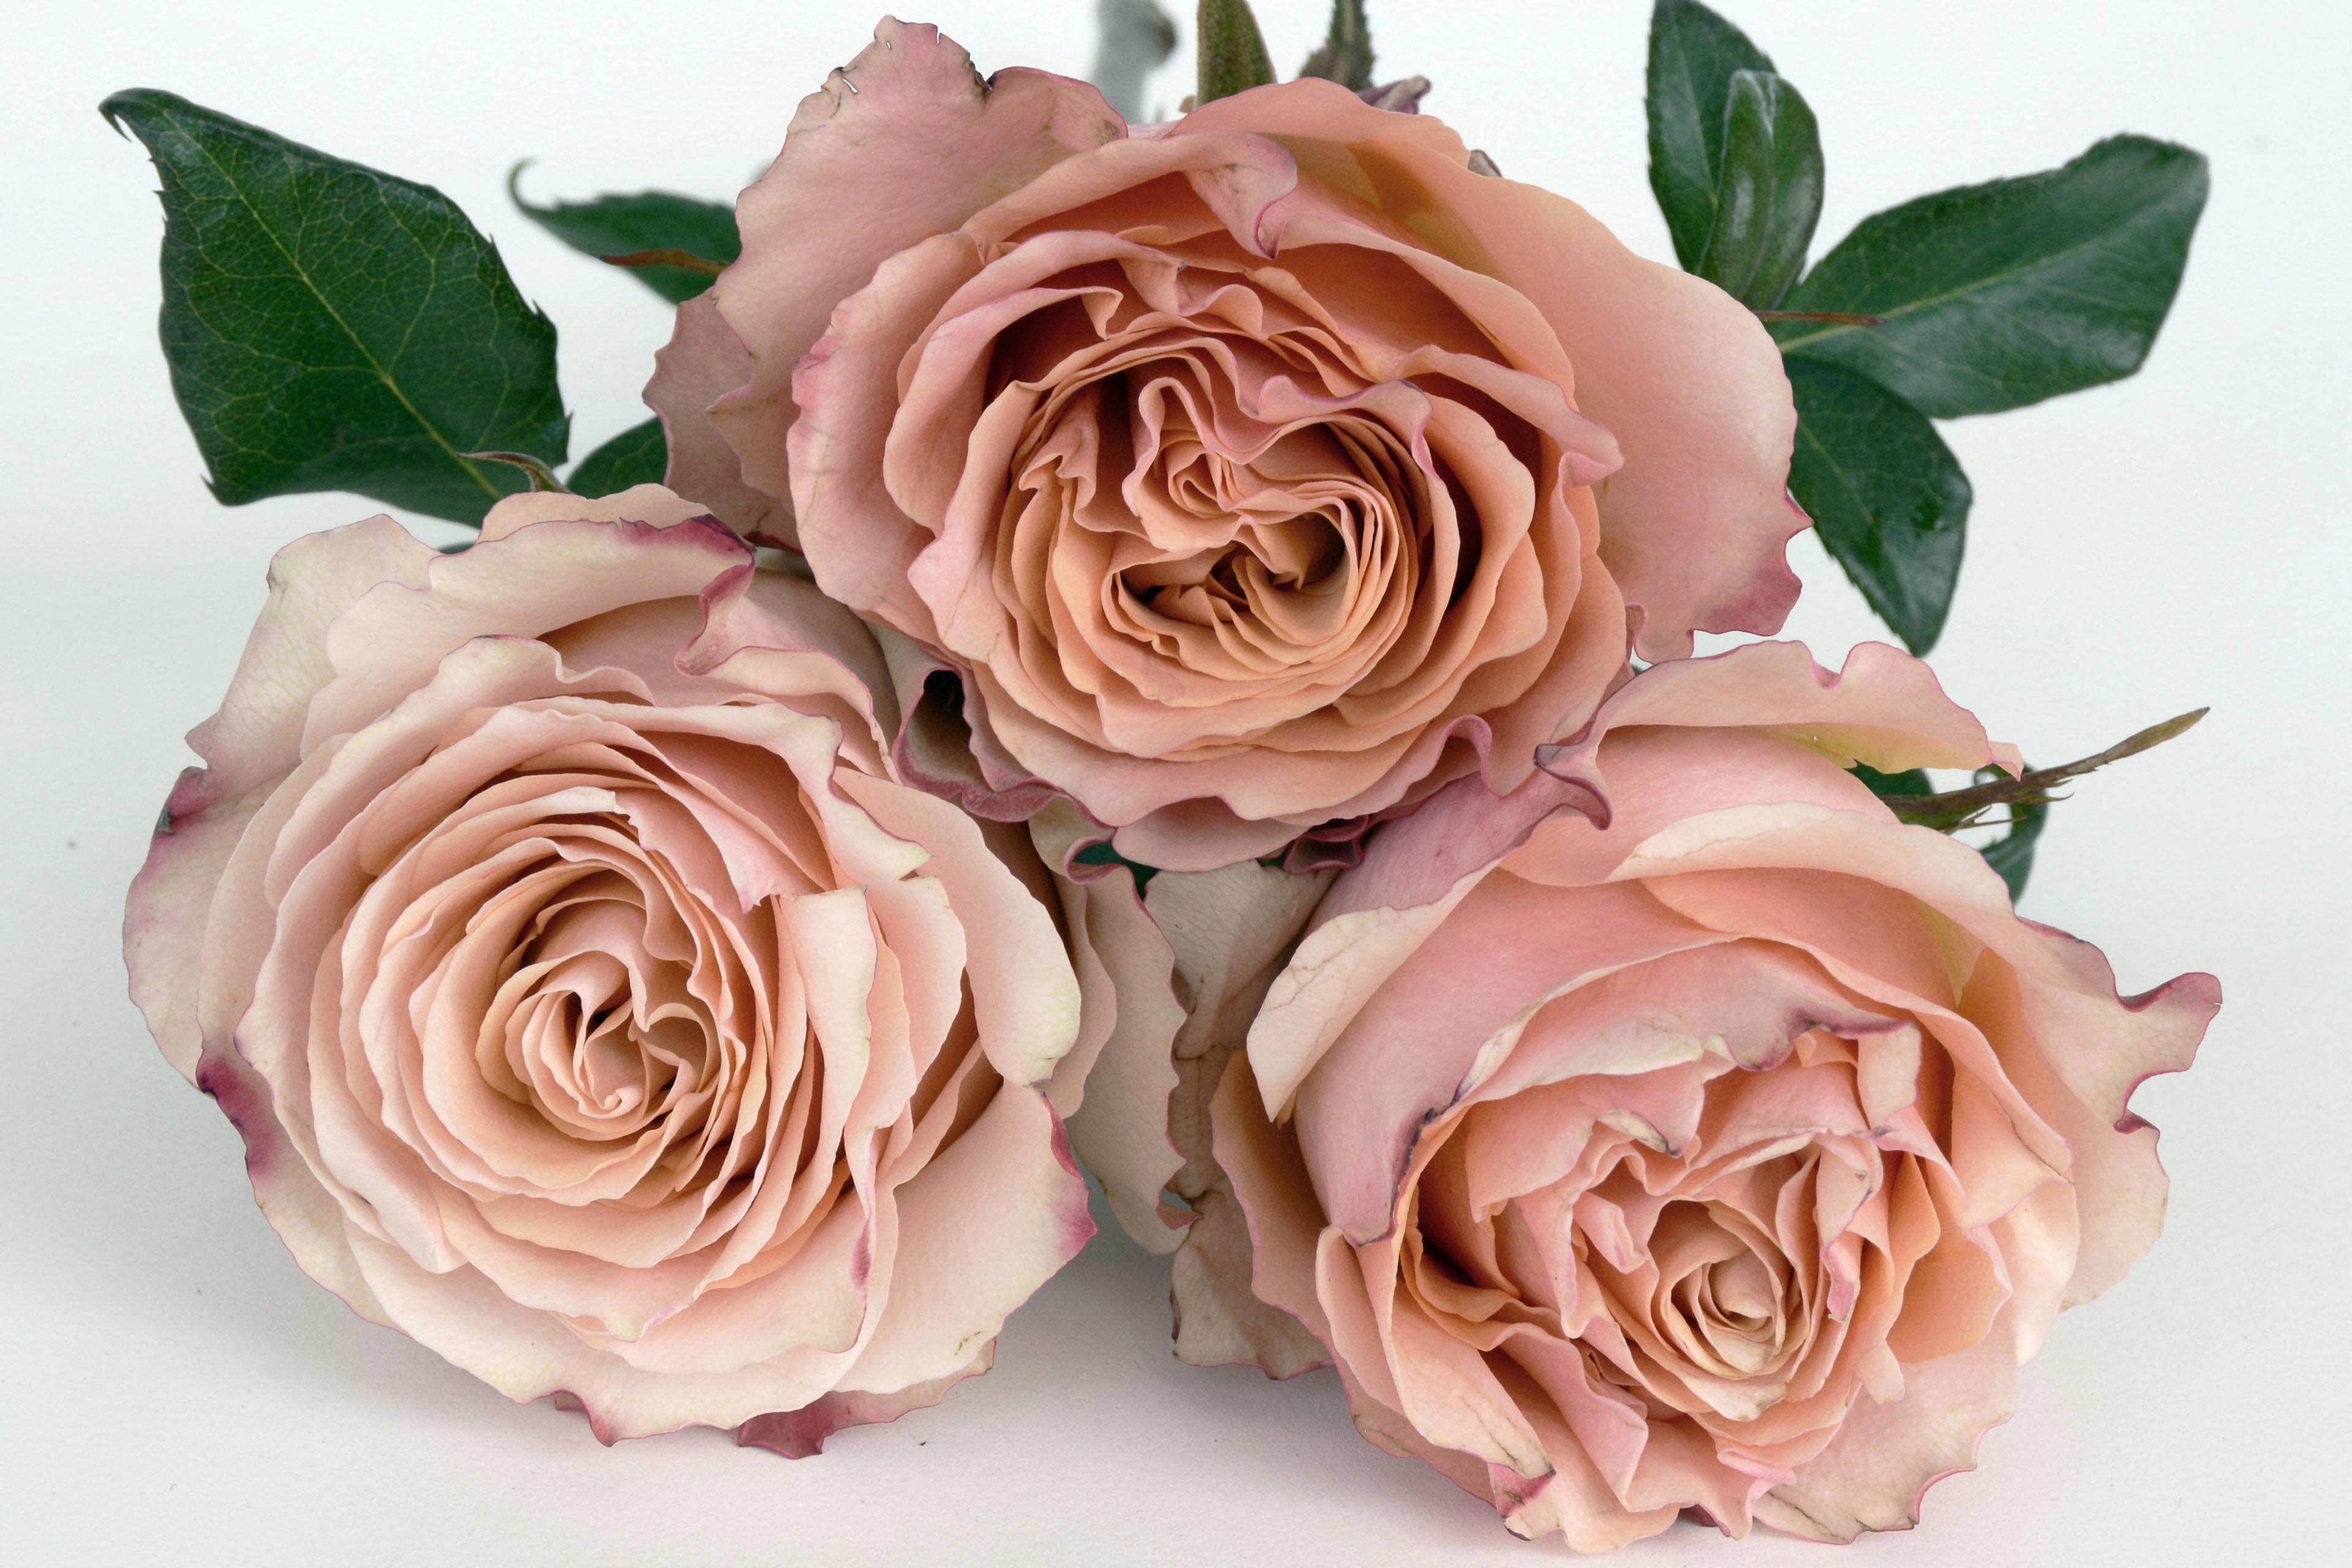 основа складывается розы цвета лосося фото том